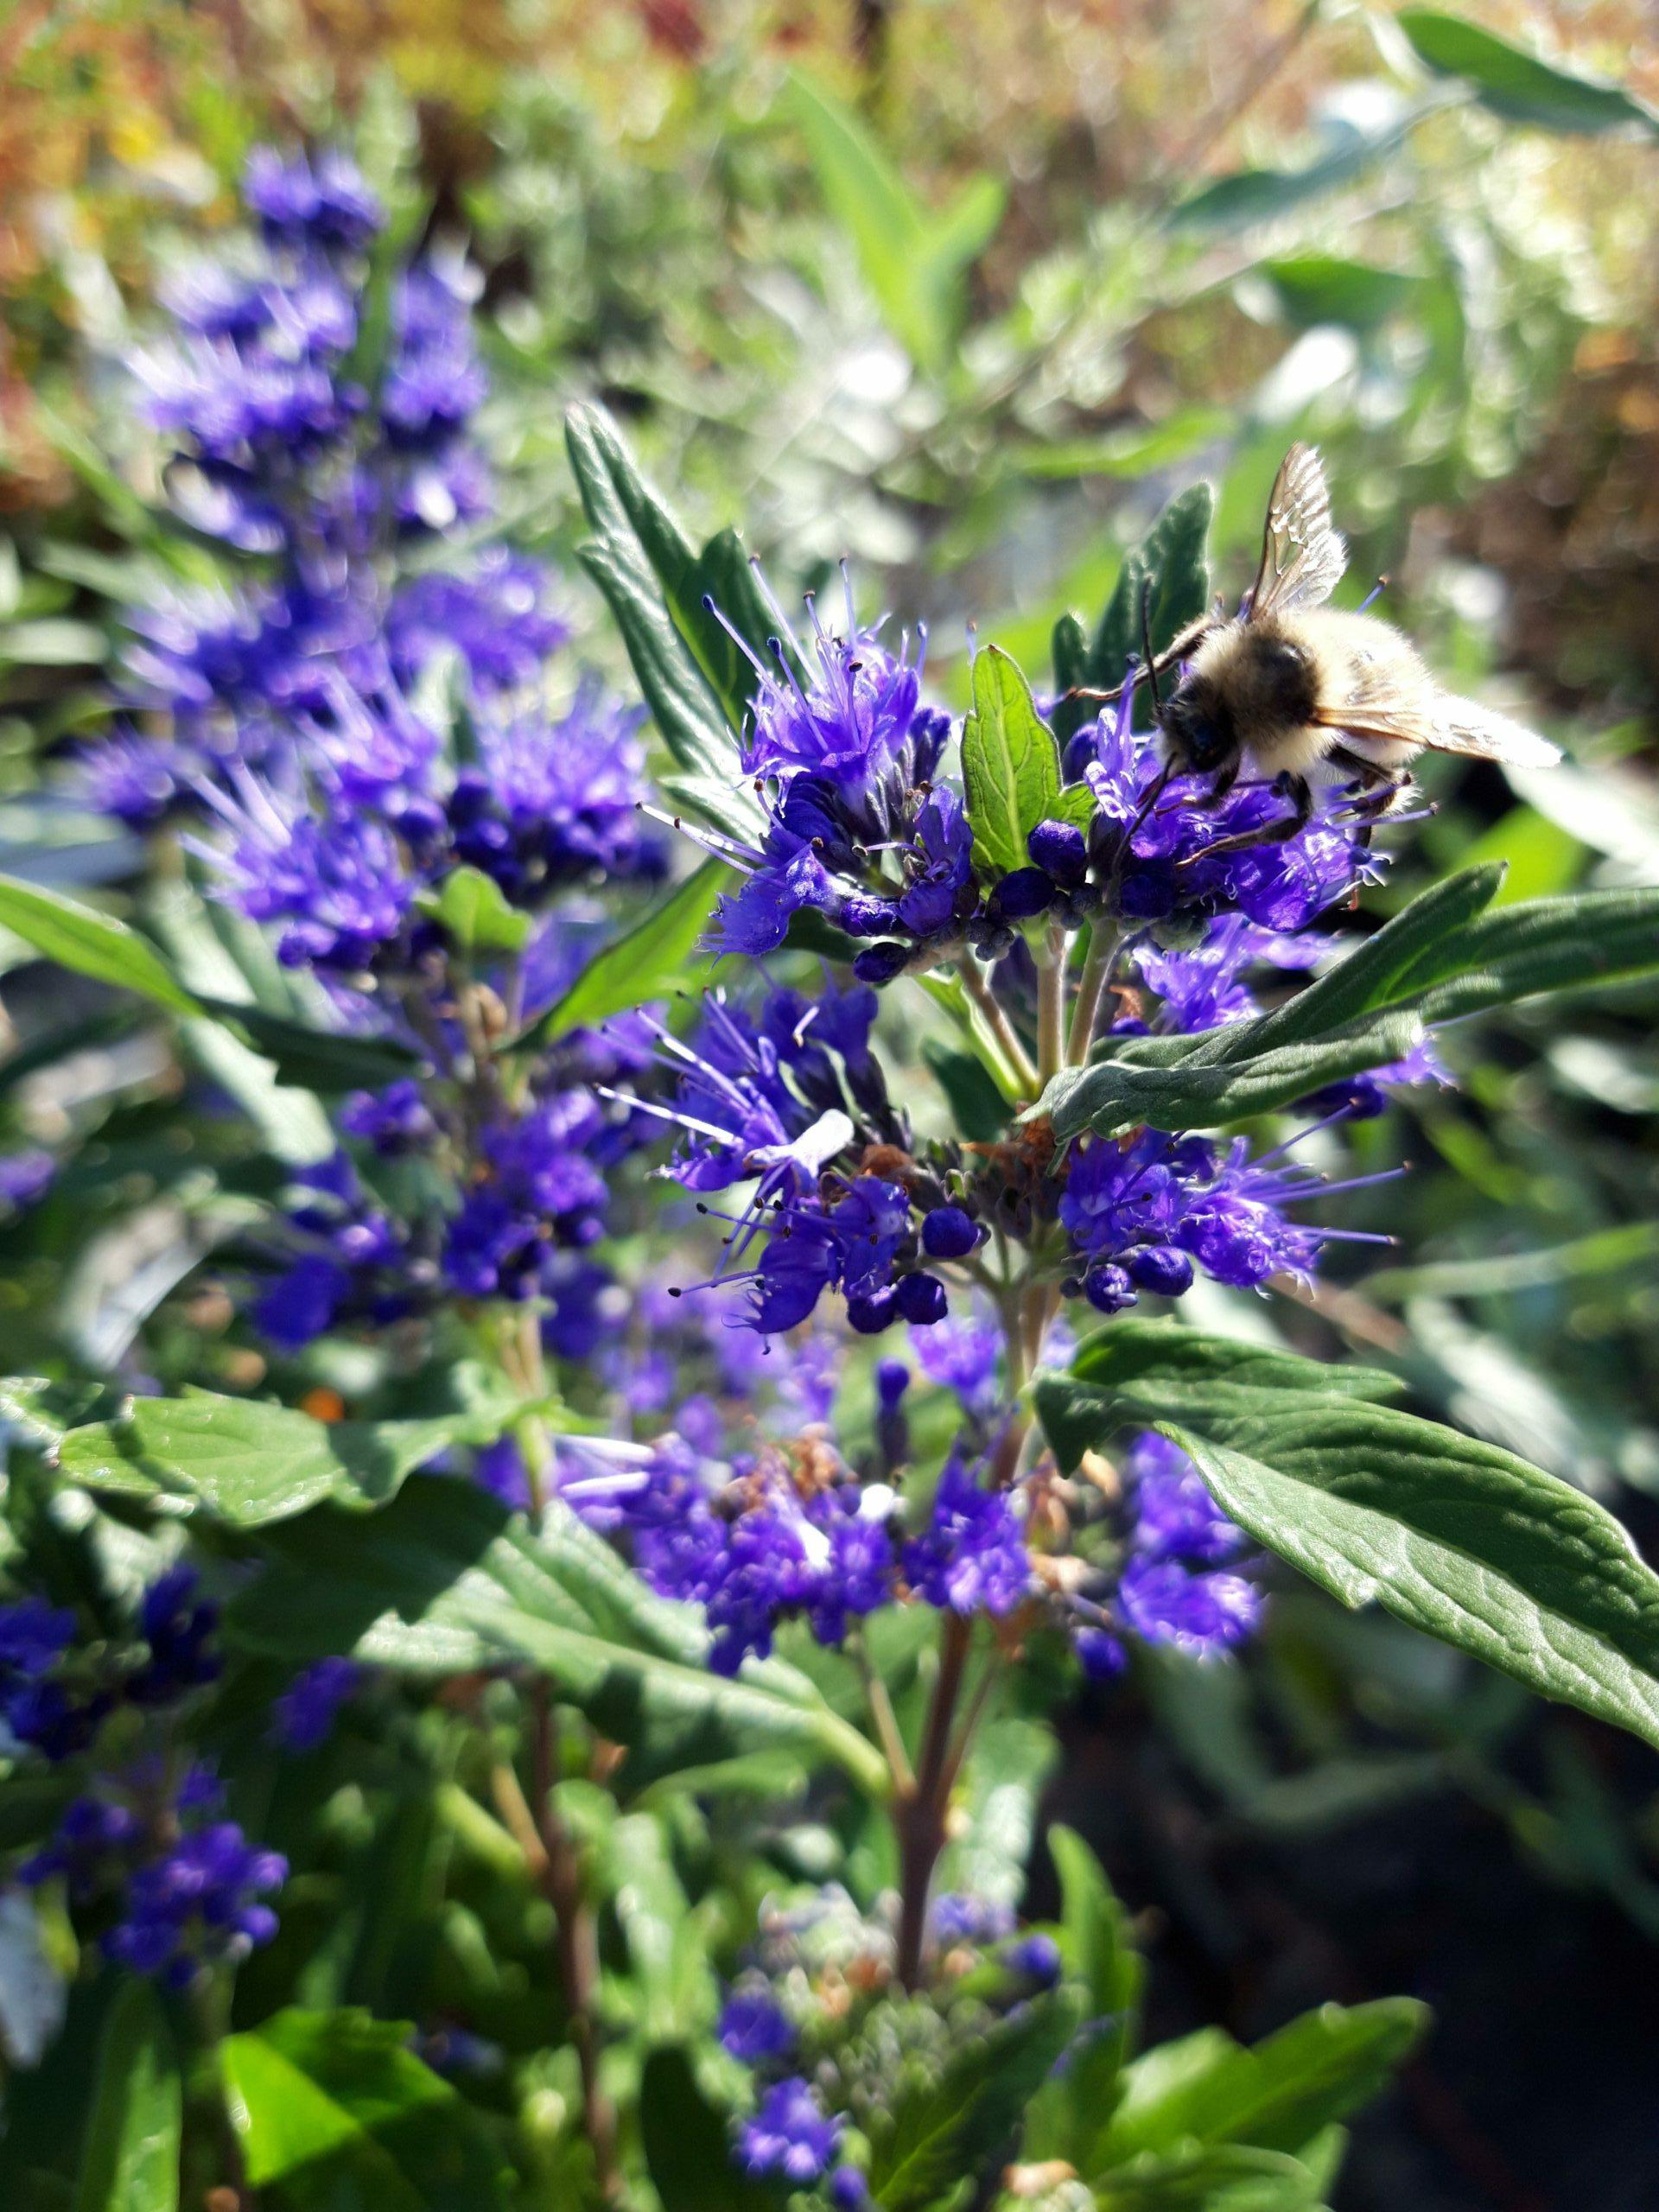 Strauch mit Biene aus dem Sortiment der Manz Gartenwelt in Stühlingen-Schwerzen am Hochrhein.